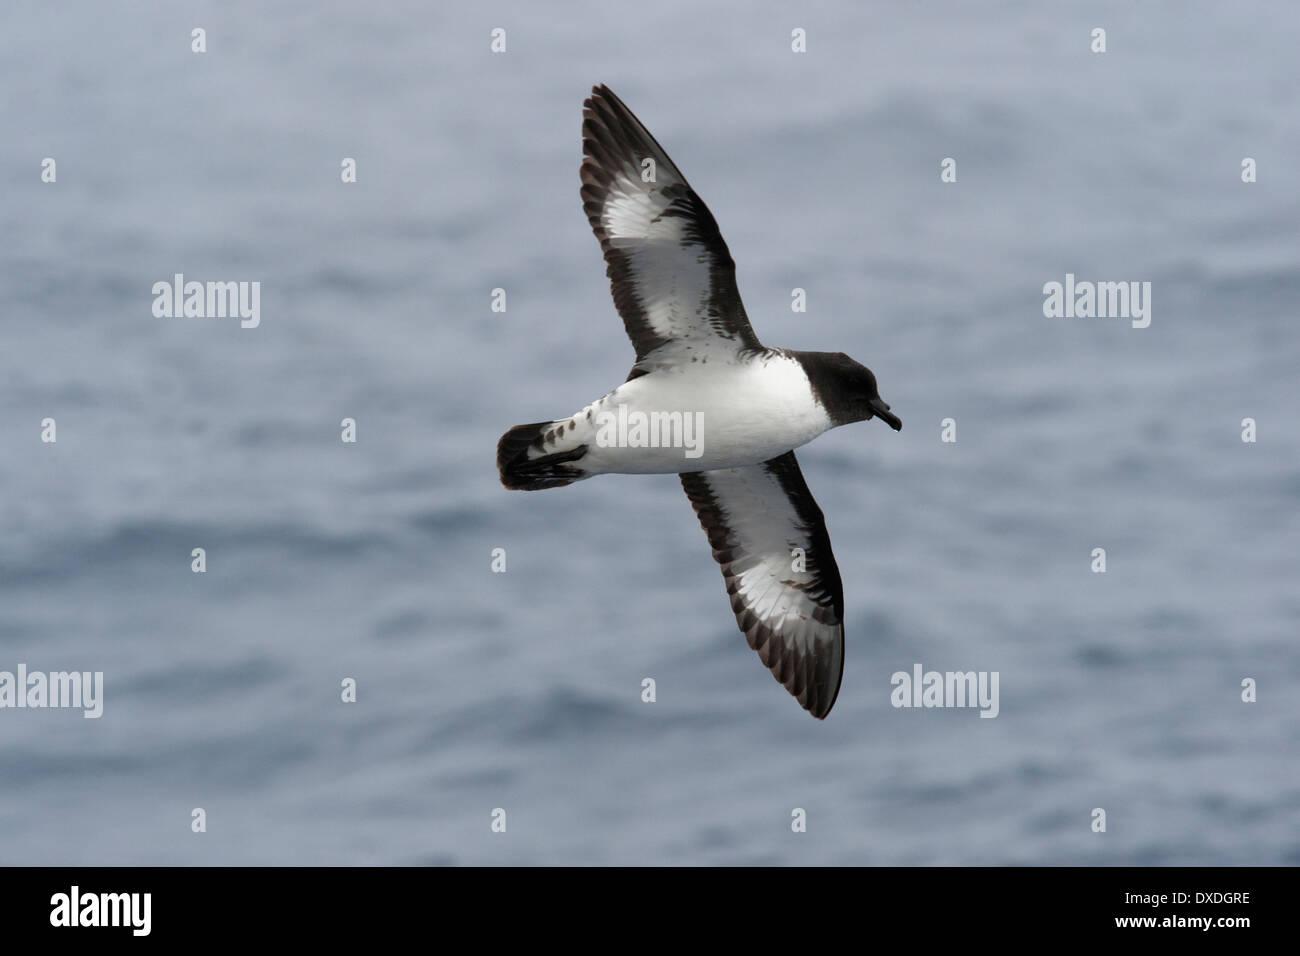 Petrel damero (Daption capense), en mares agitados en el Pasaje Drake, en el Océano Austral. Foto de stock